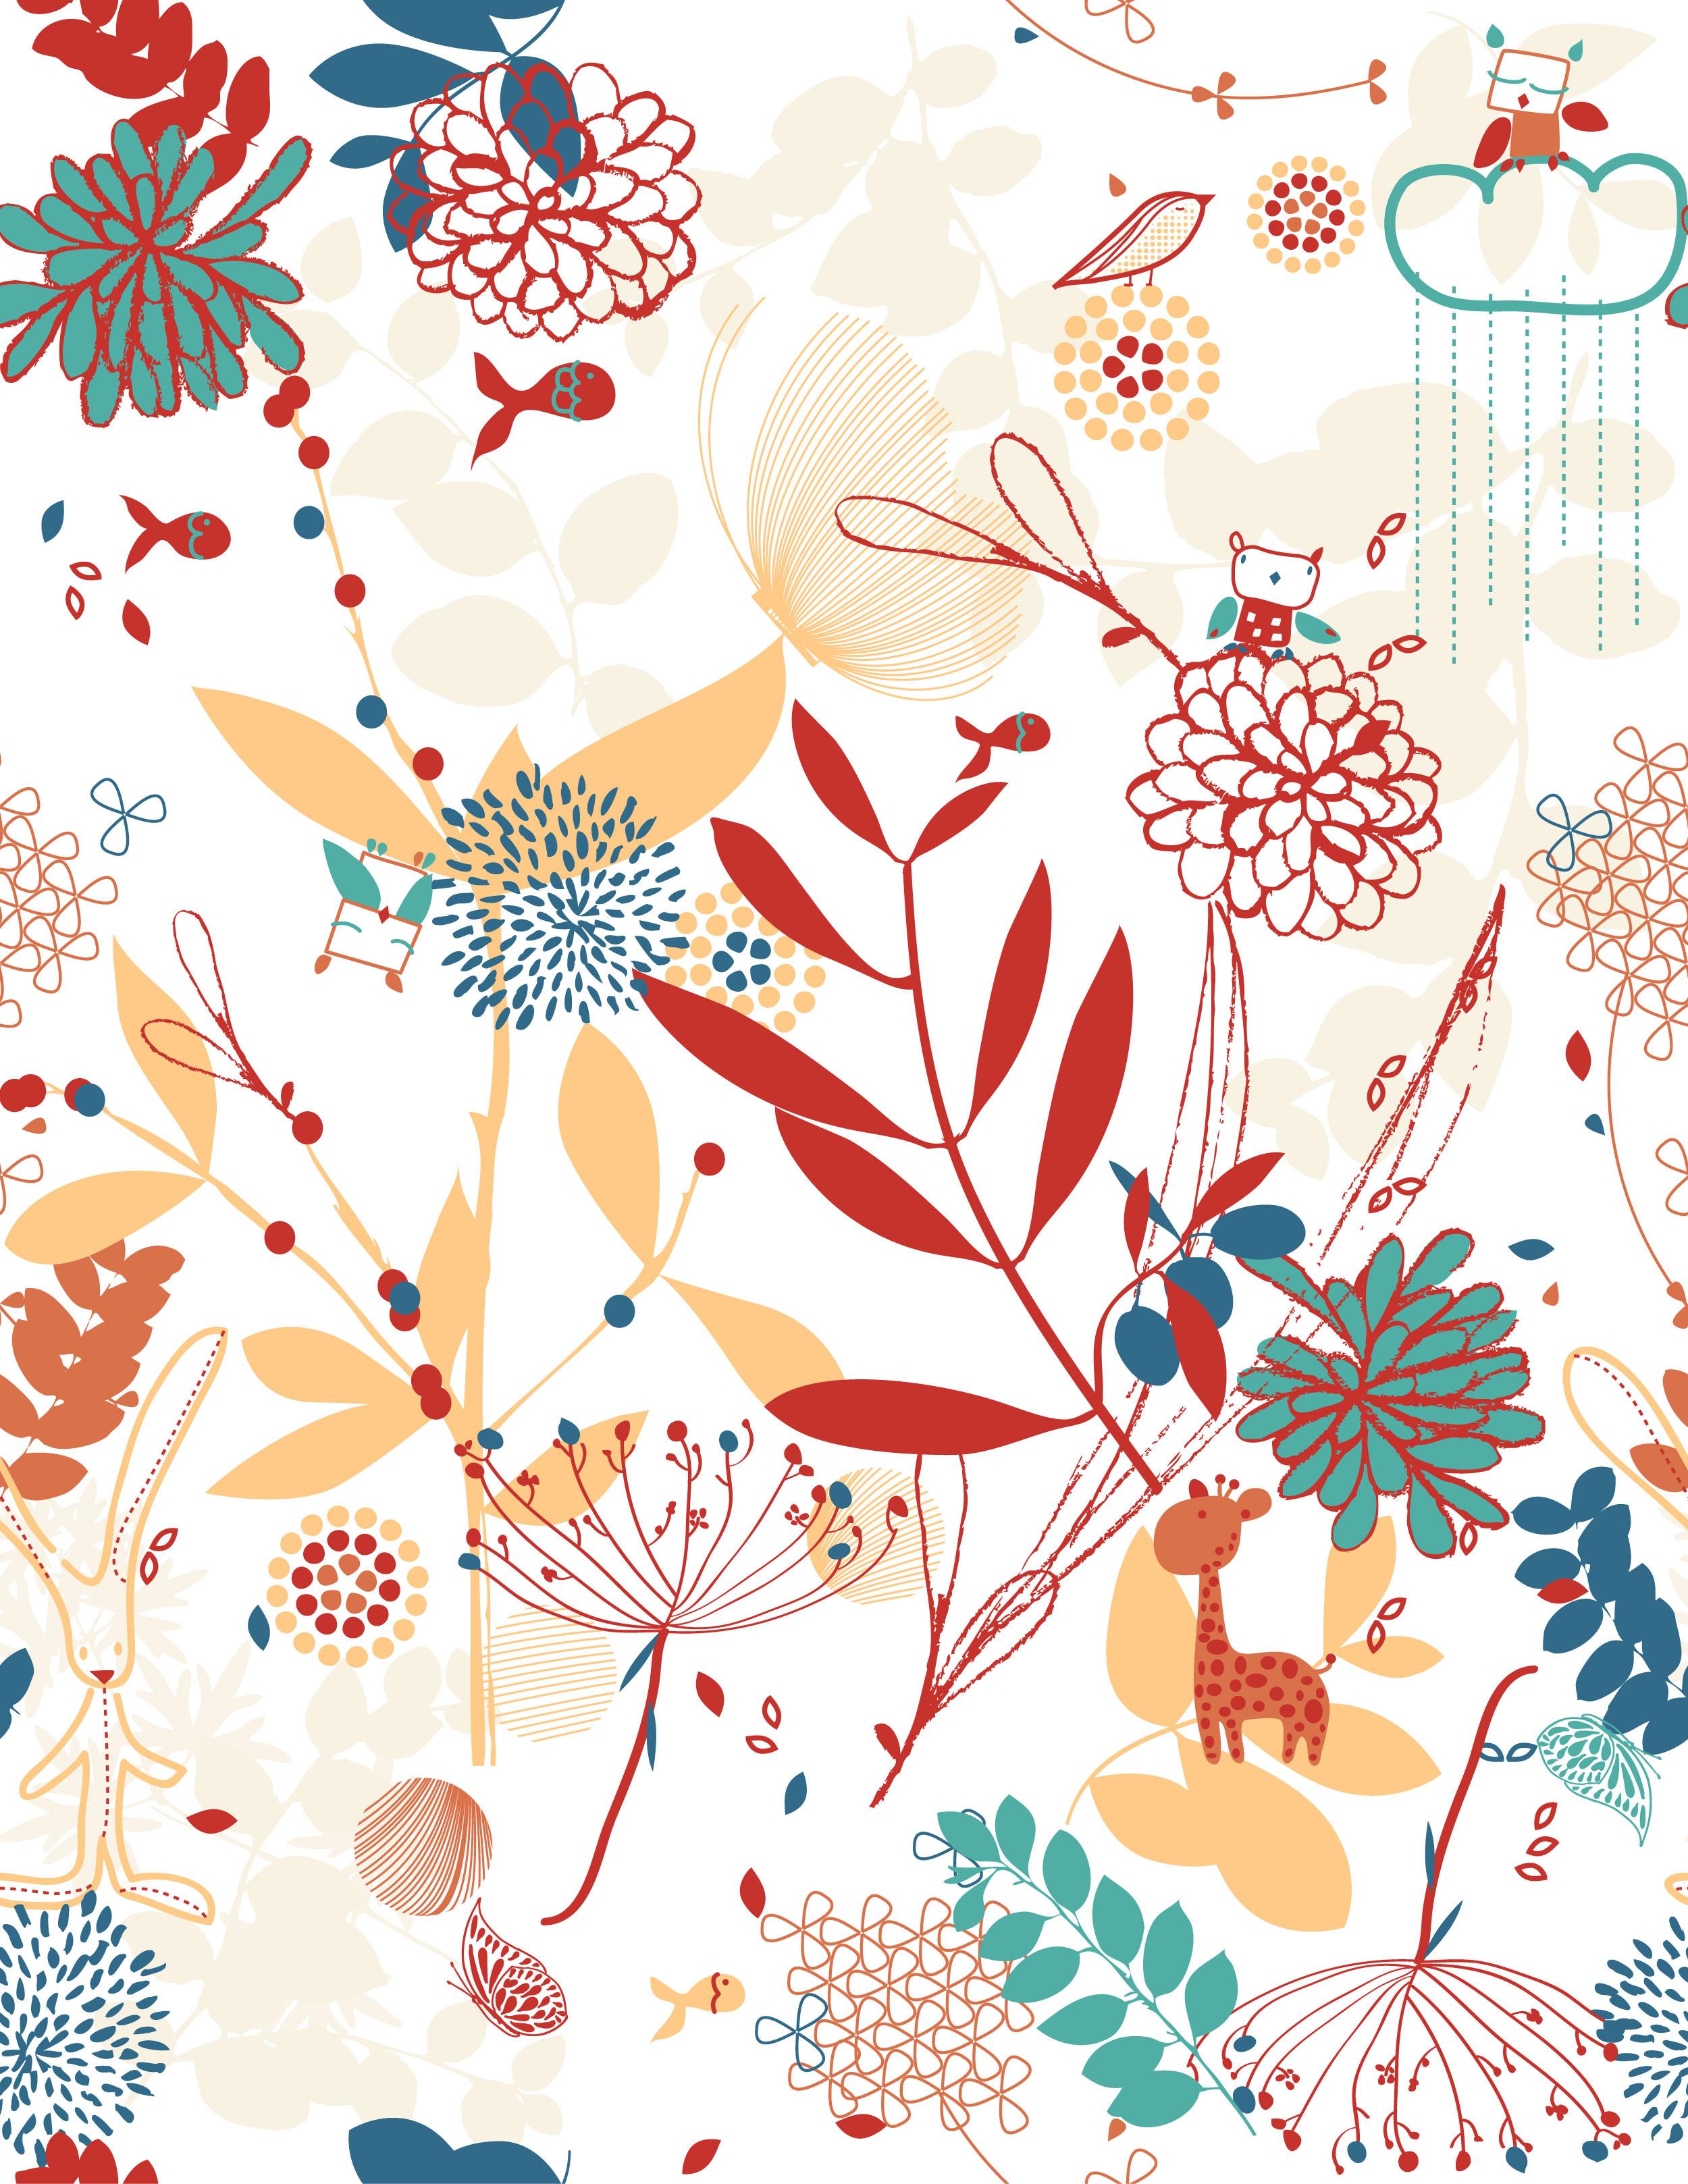 壁紙・背景イラスト/花の模様・柄・パターン no.169『かわいい動物